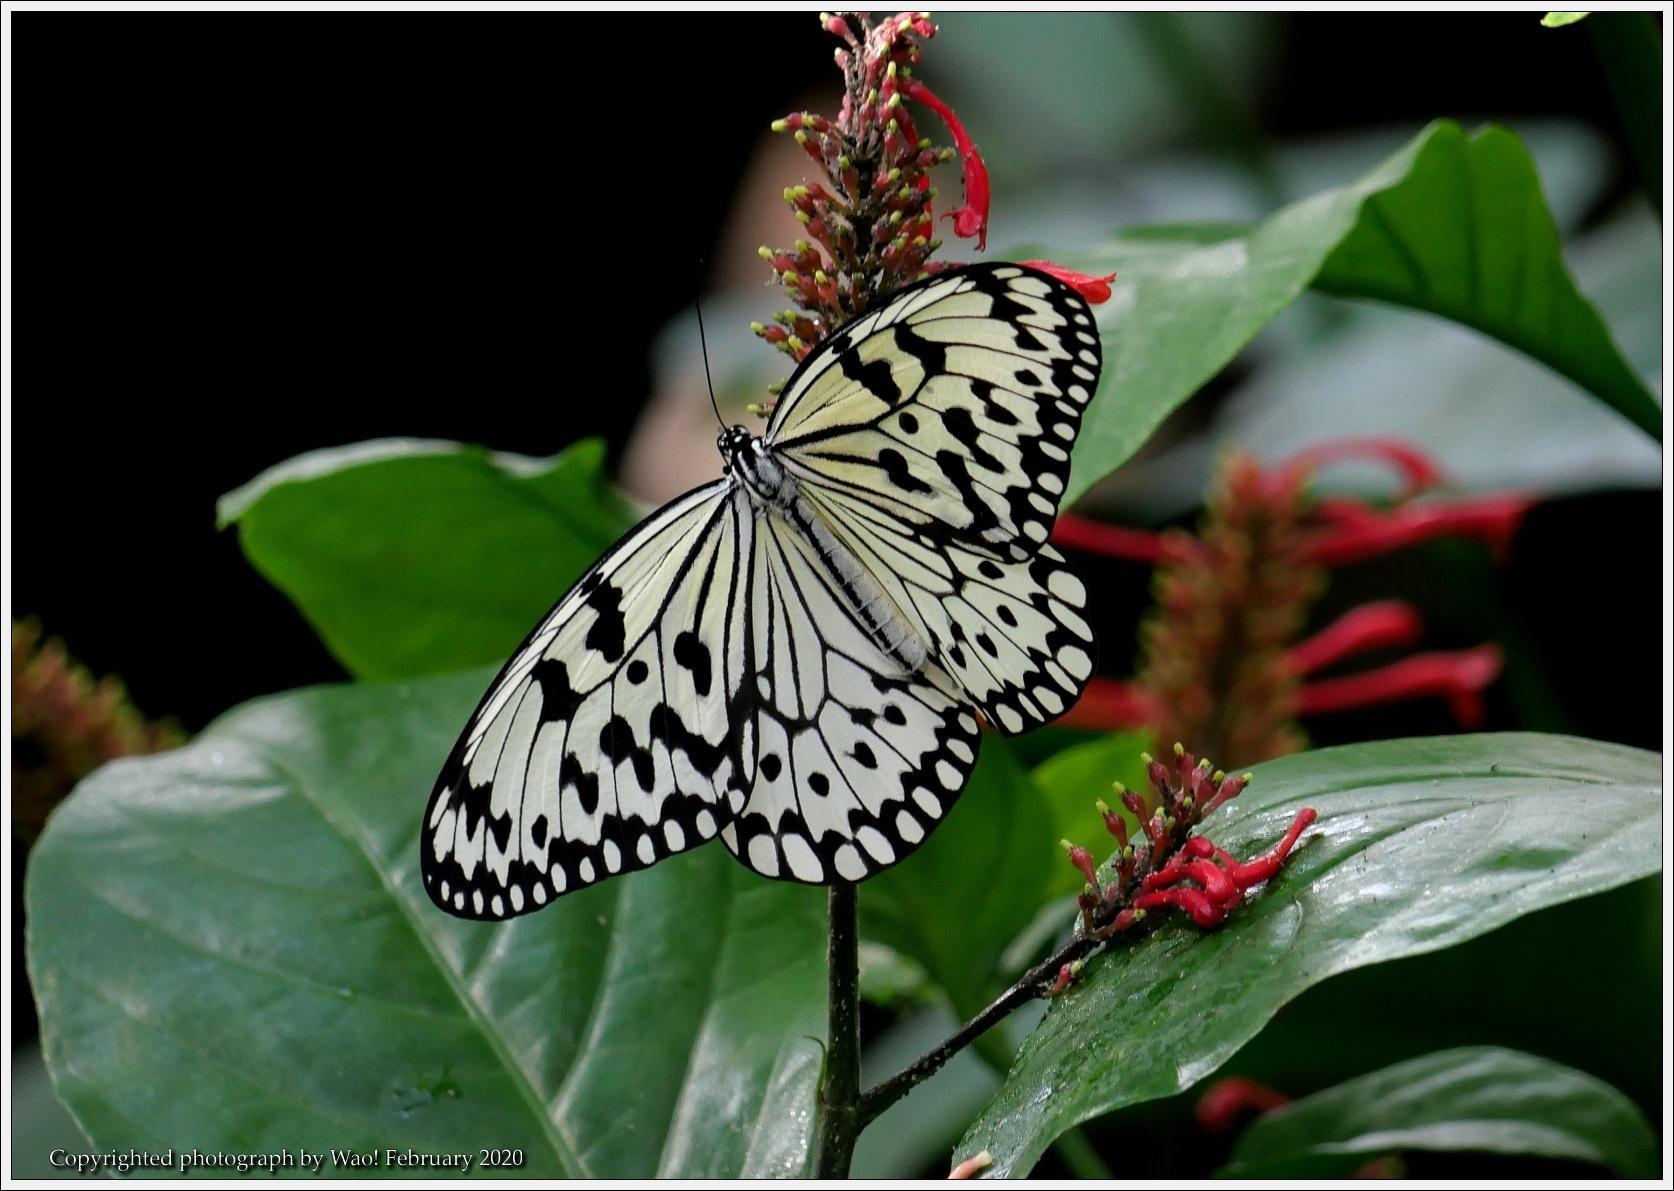 冬のバラと温室の花と蝶_c0198669_16040953.jpg